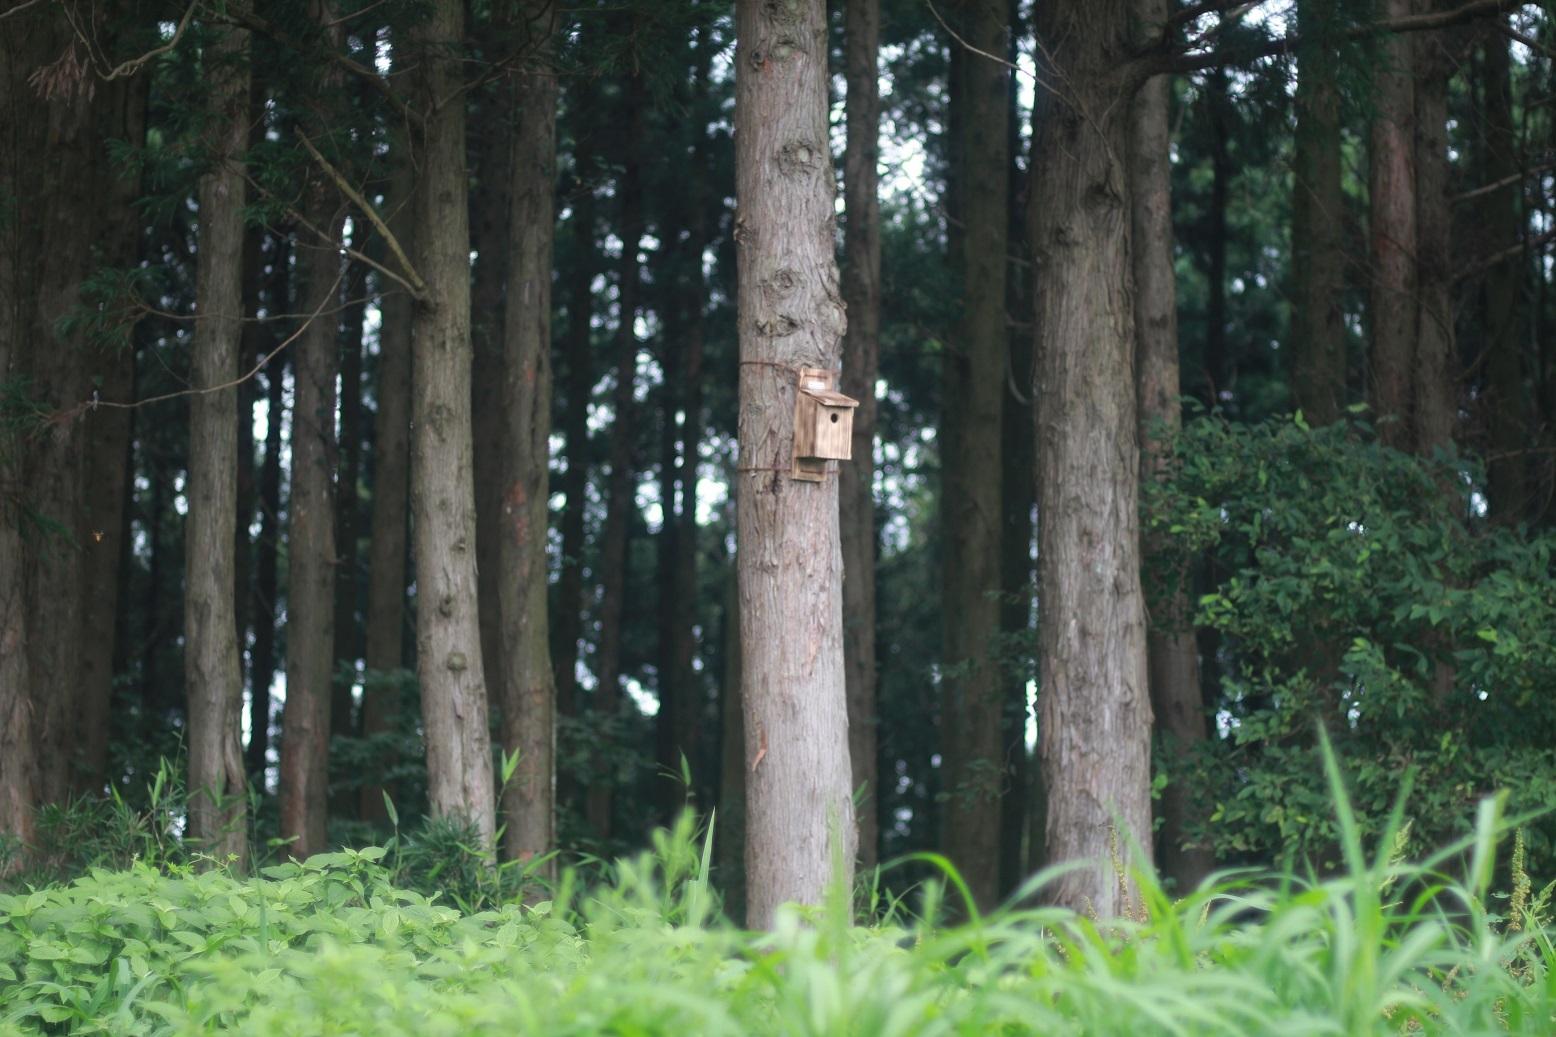 夏休みの工作 小鳥の巣箱作り_d0155147_11592986.jpg